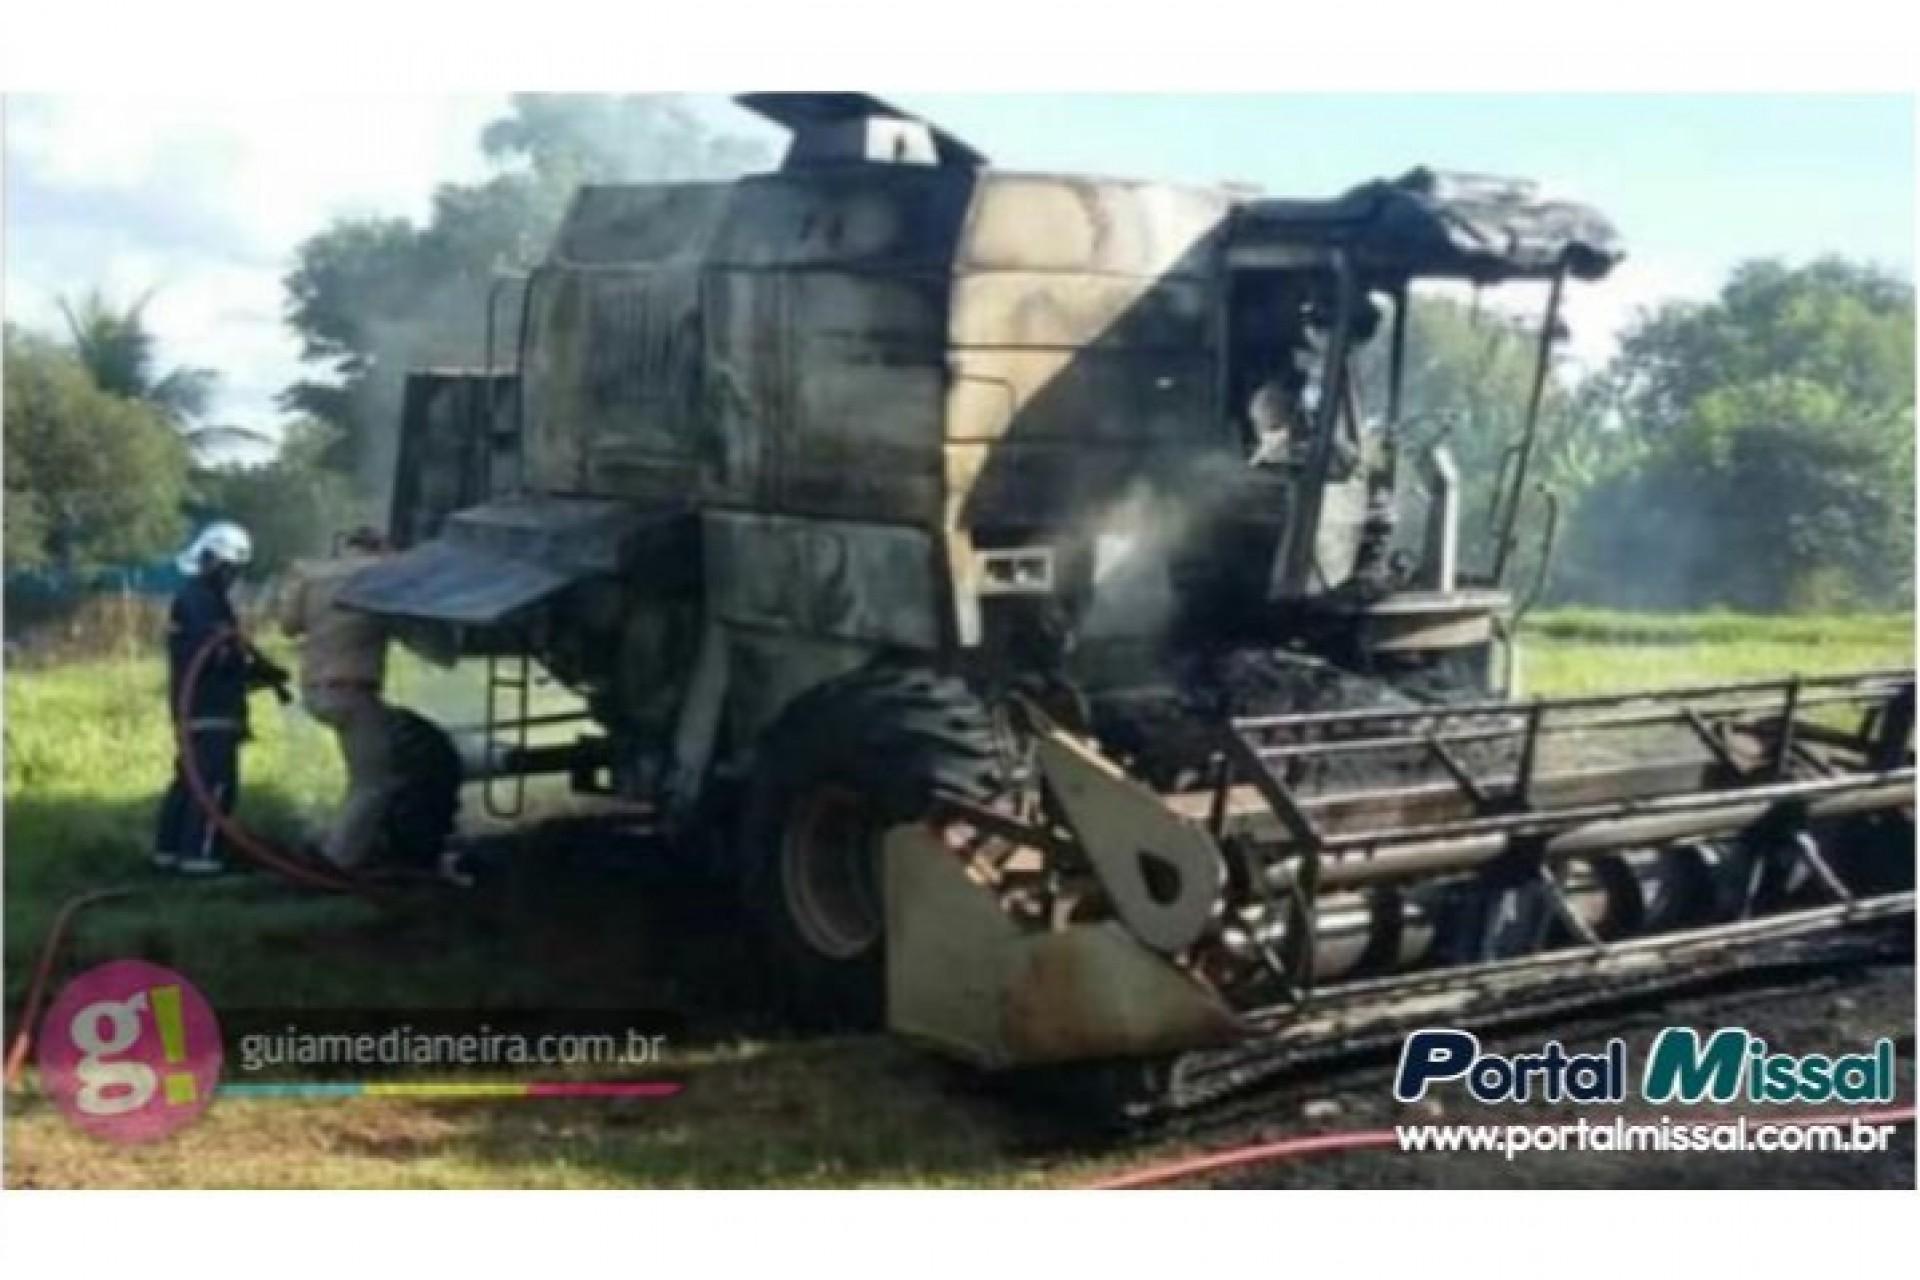 Colheitadeira fica destruída em incêndio no interior do município de Medianeira